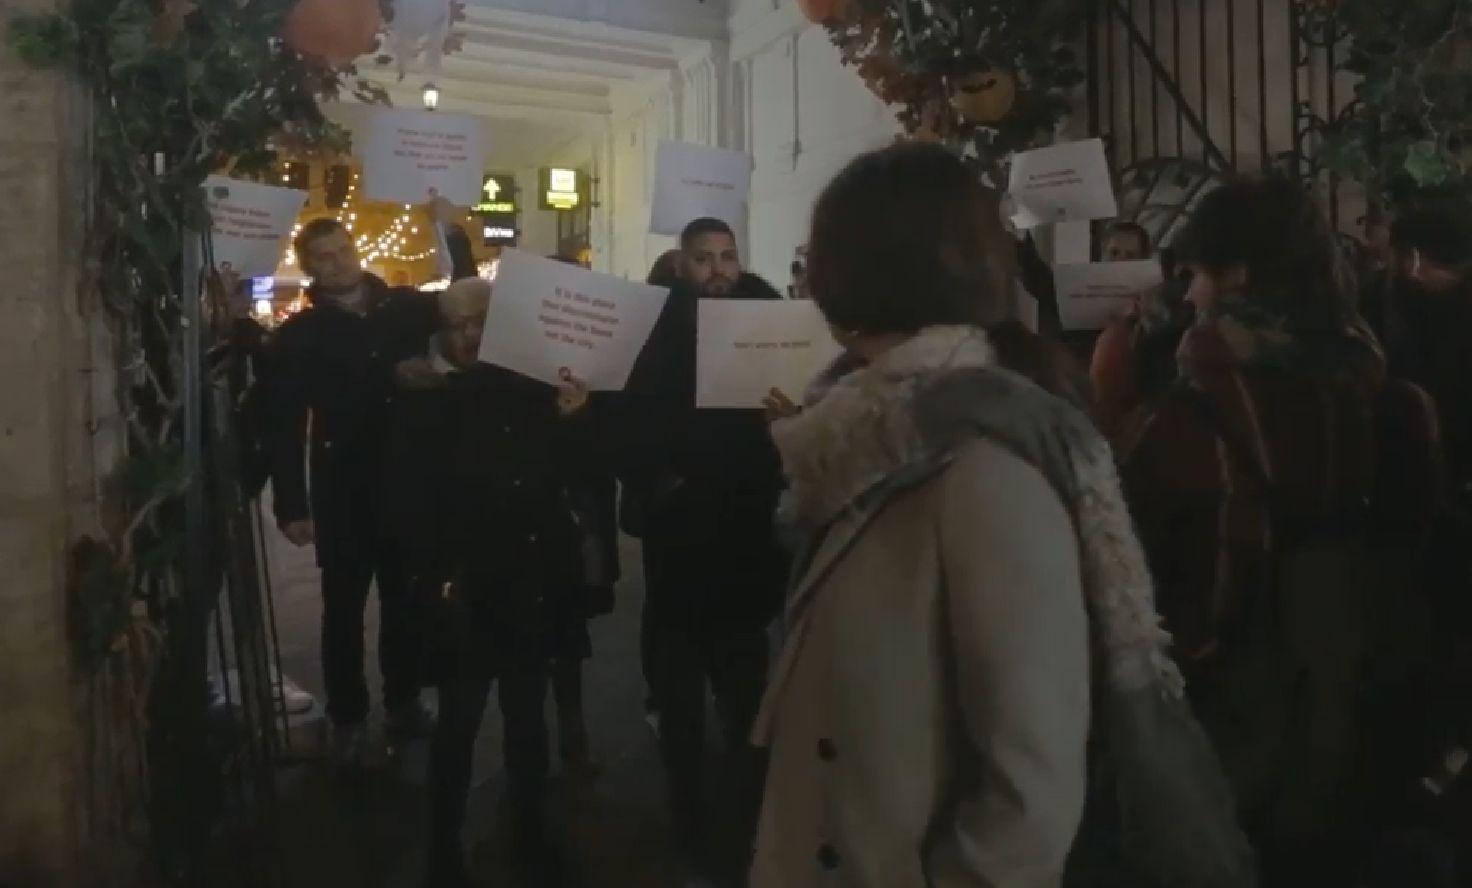 Aktivisták magyarázták a turistáknak, hogy a Gozsdu Udvarba nem engednek be embereket a származásuk miatt